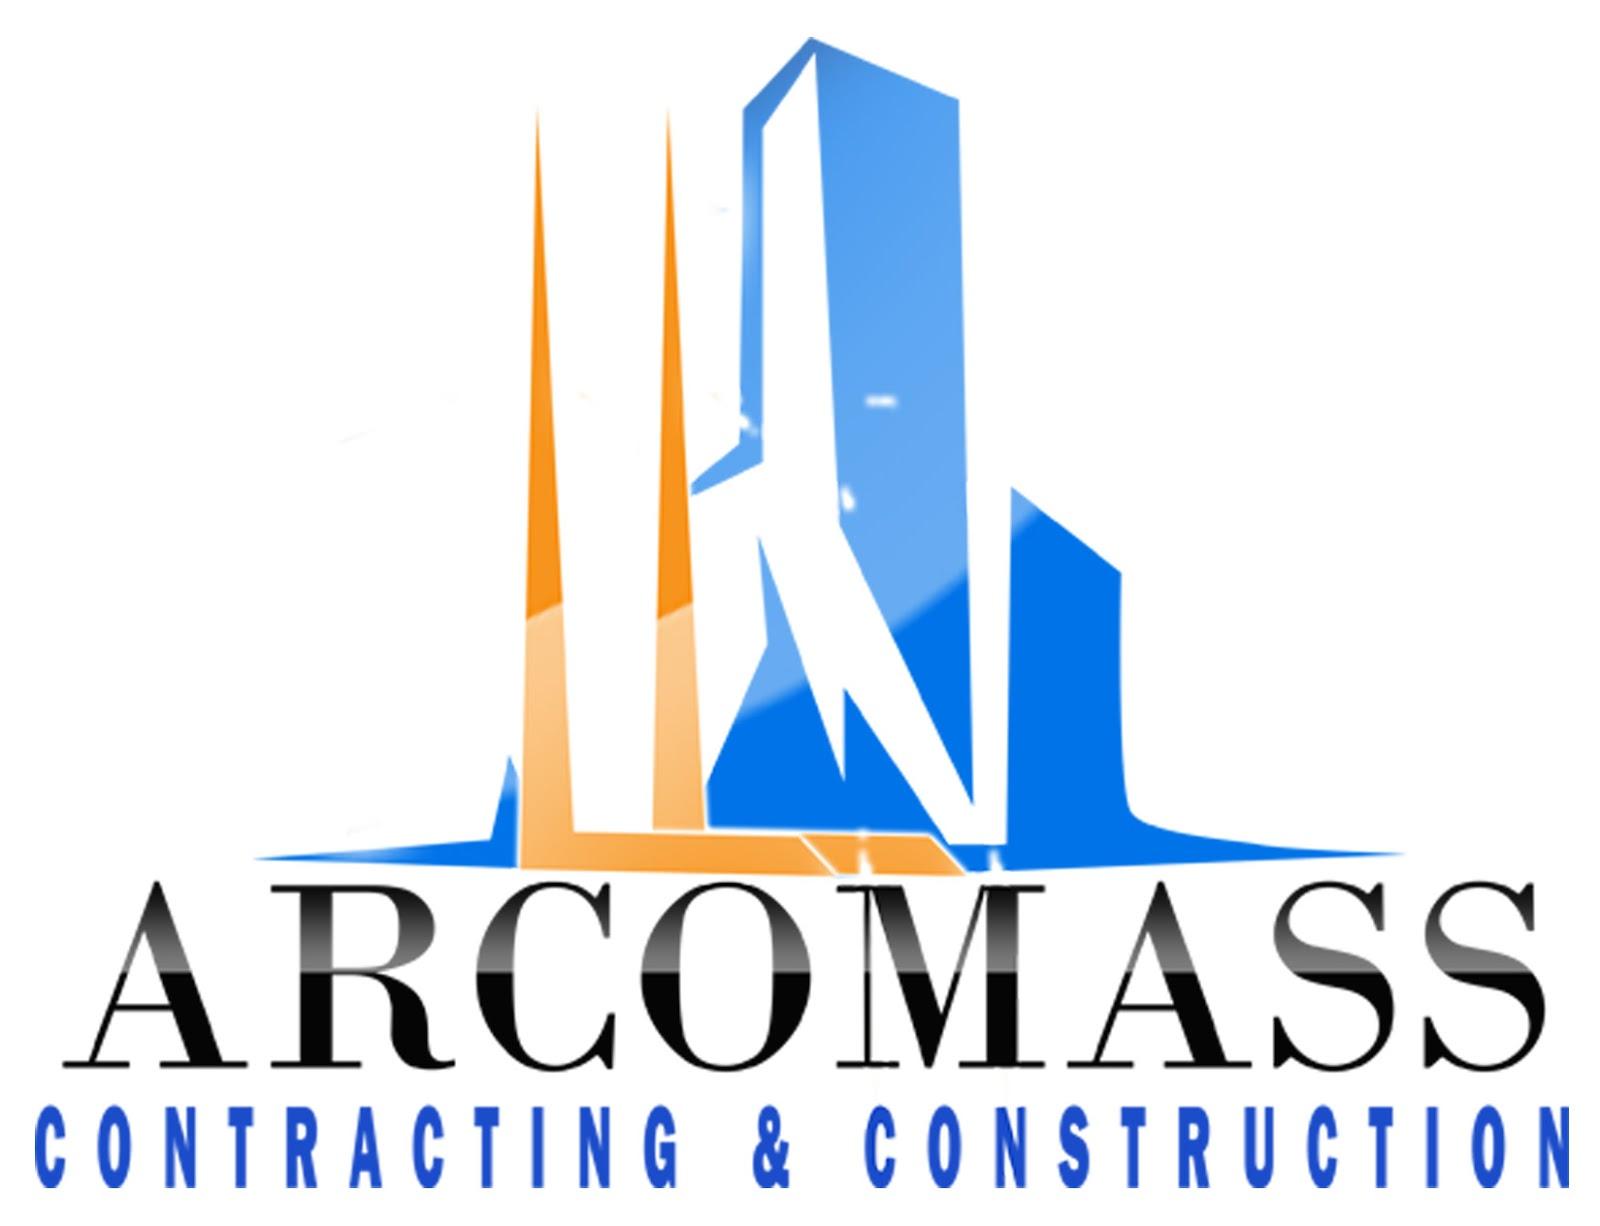 وظائف شركة اركوماس للمقاولات والانشاءات لسنة 2021